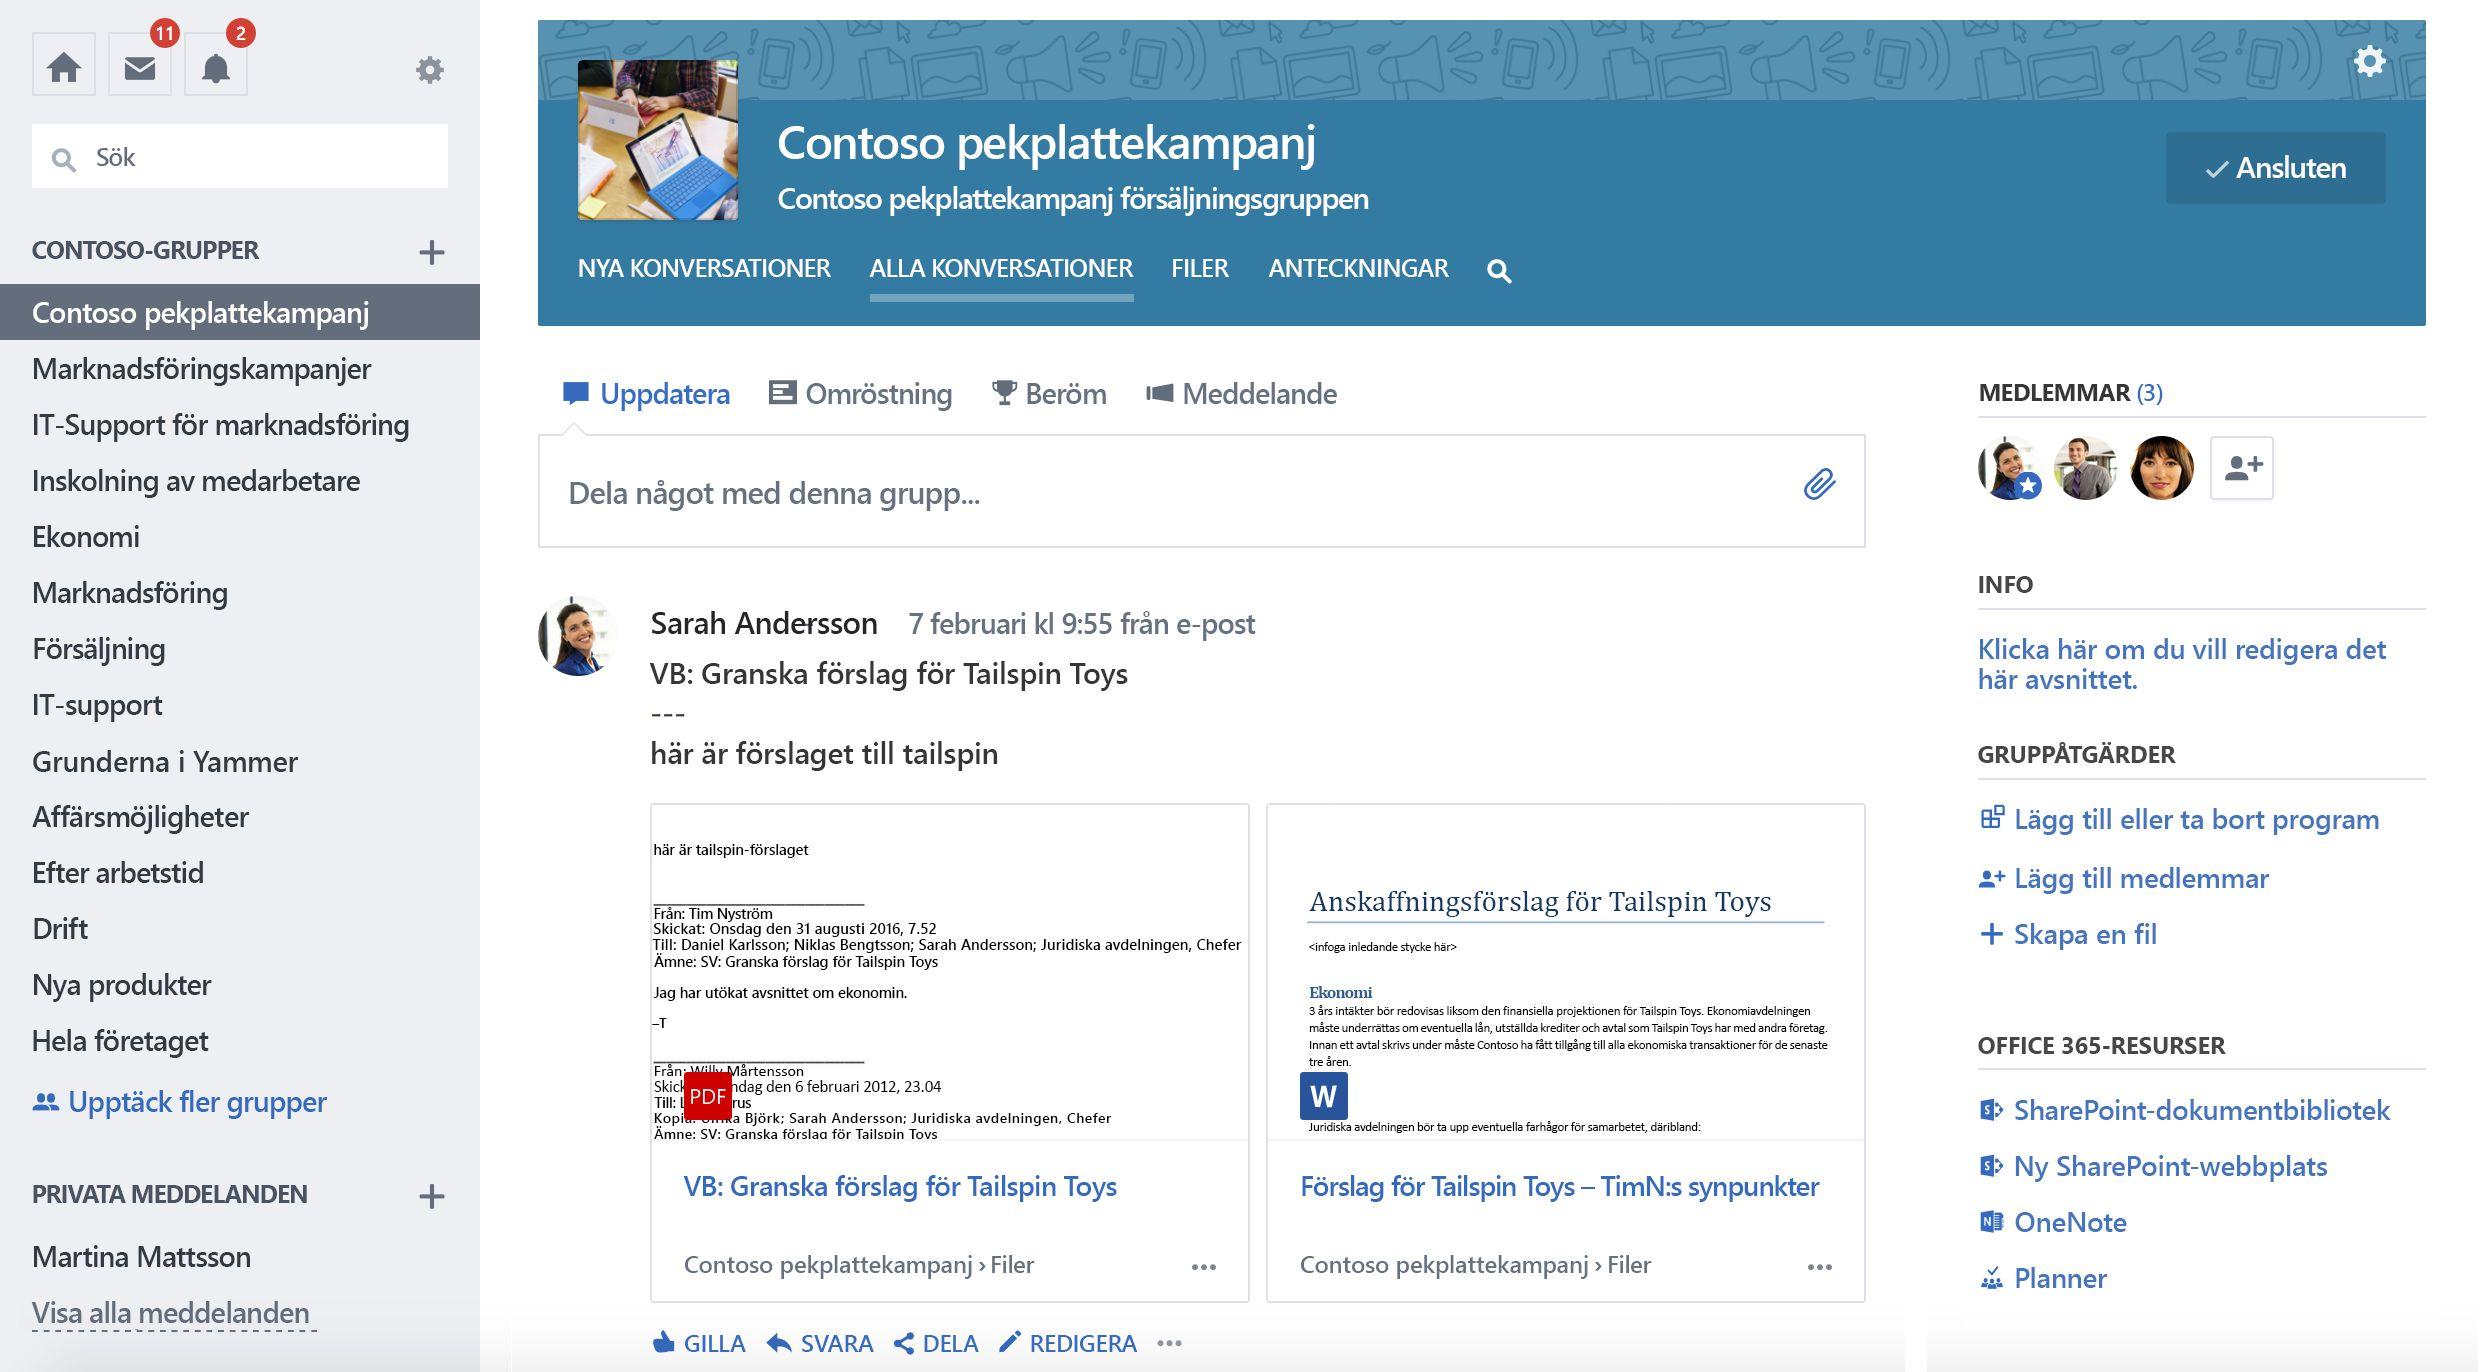 Skärm bild av Office 365-anslutna Yammer-gruppkonversationer